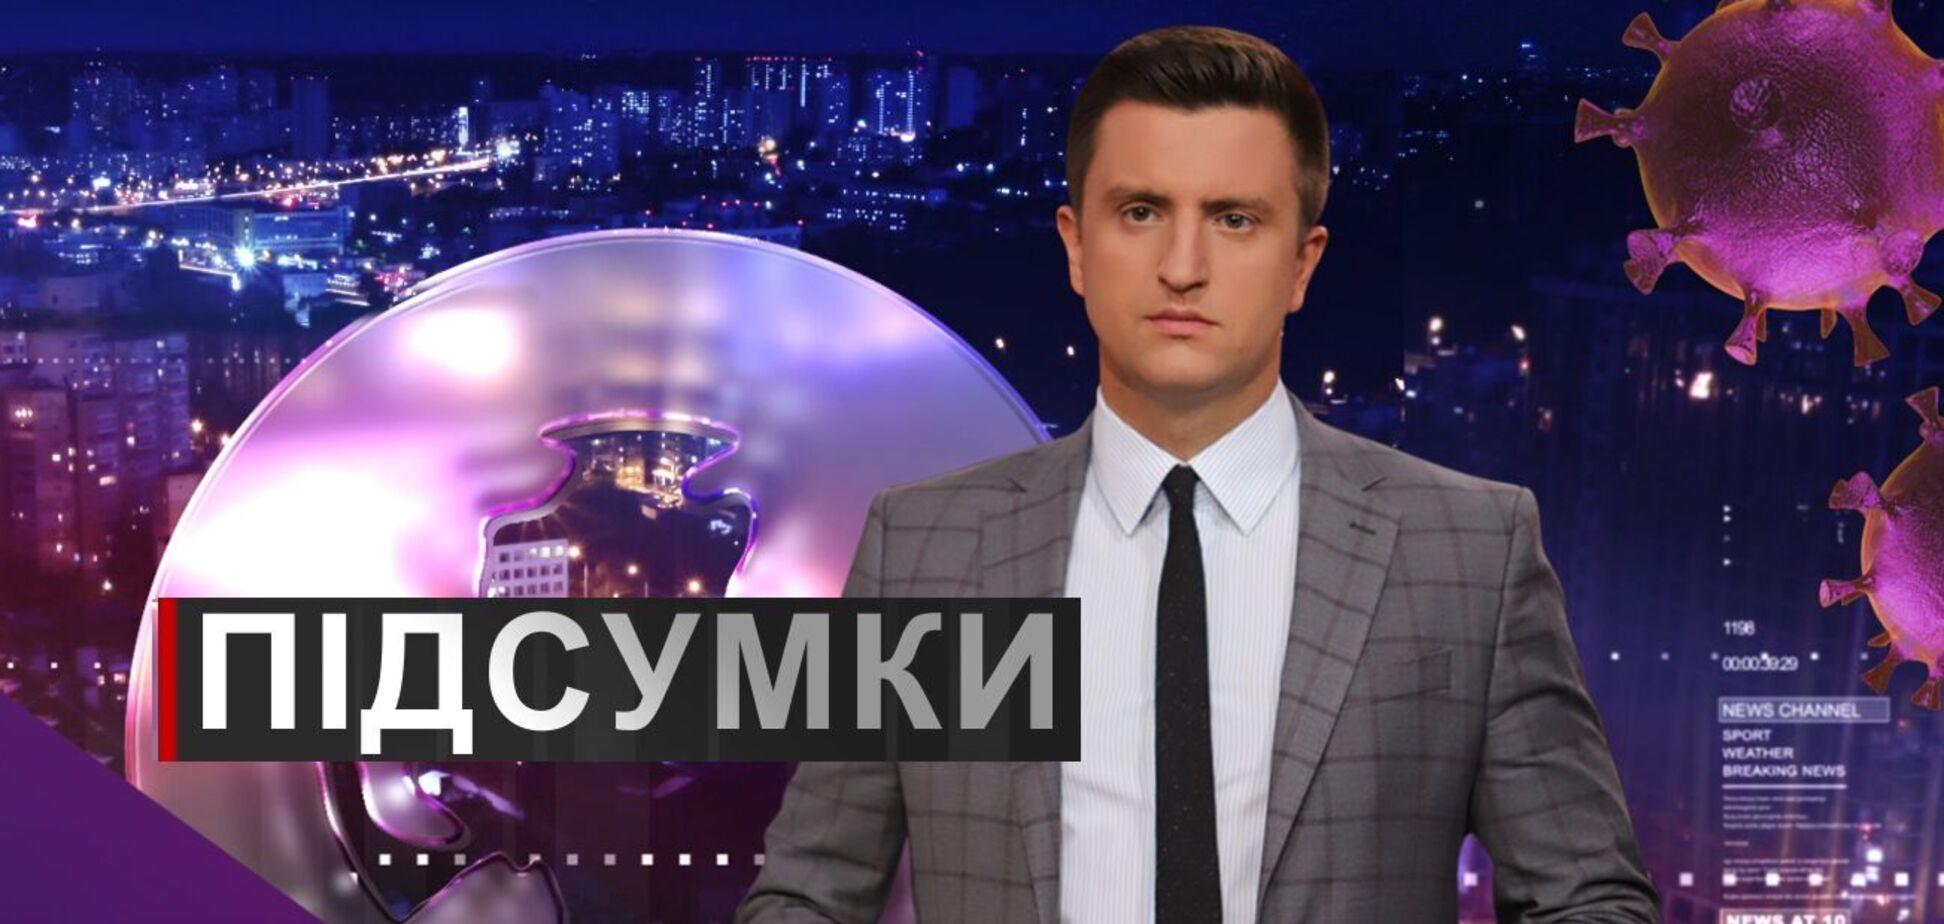 Підсумки дня з Вадимом Колодійчуком. П'ятниця, 30 жовтня